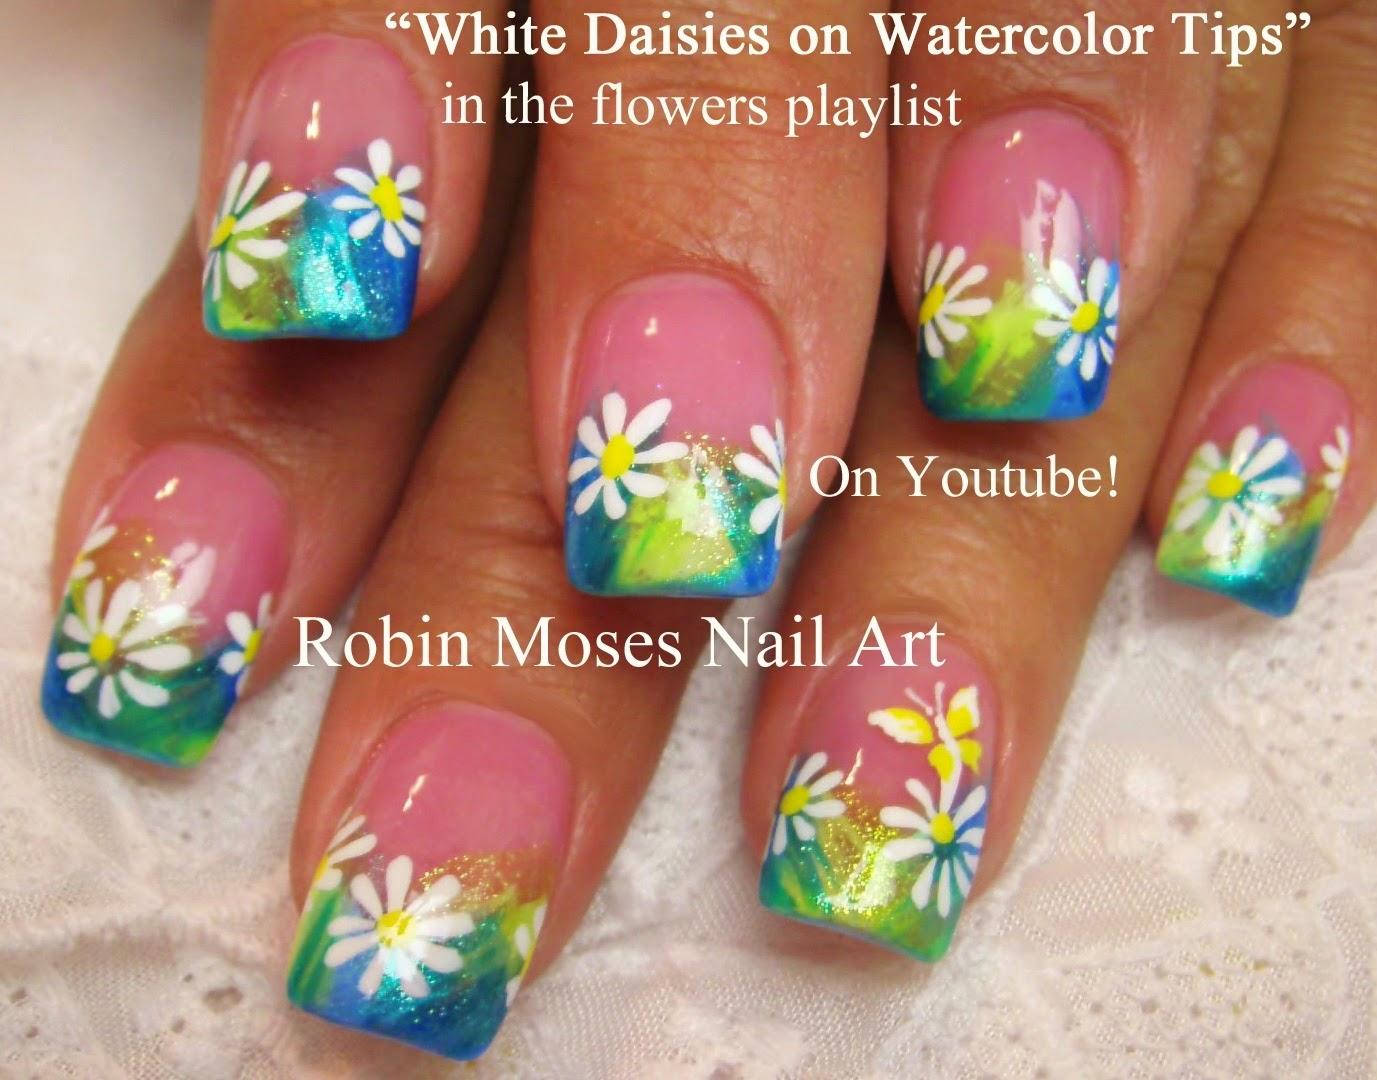 Nail Art By Robin Moses Daisy Nails Nail Art Daisies Summer